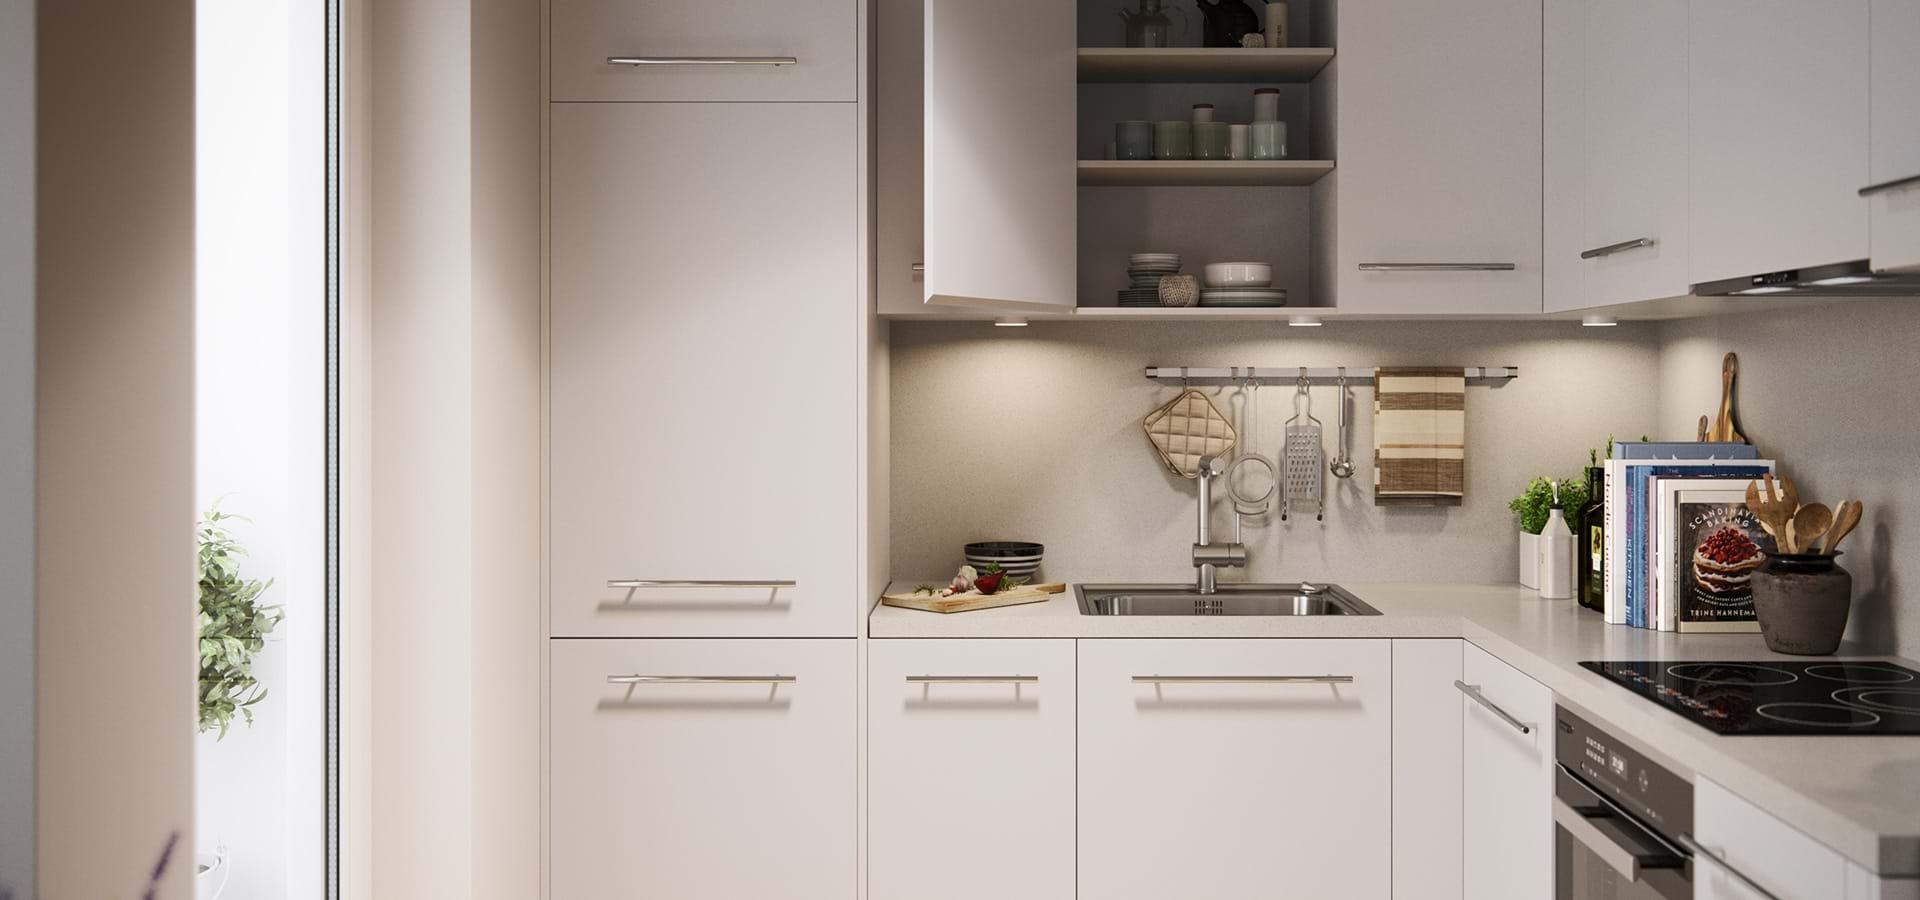 Full Size of Landhausküche Einrichten Kche Tipps Und Ideen Bonava Weisse Grau Küche Moderne Badezimmer Kleine Gebraucht Weiß Wohnzimmer Landhausküche Einrichten